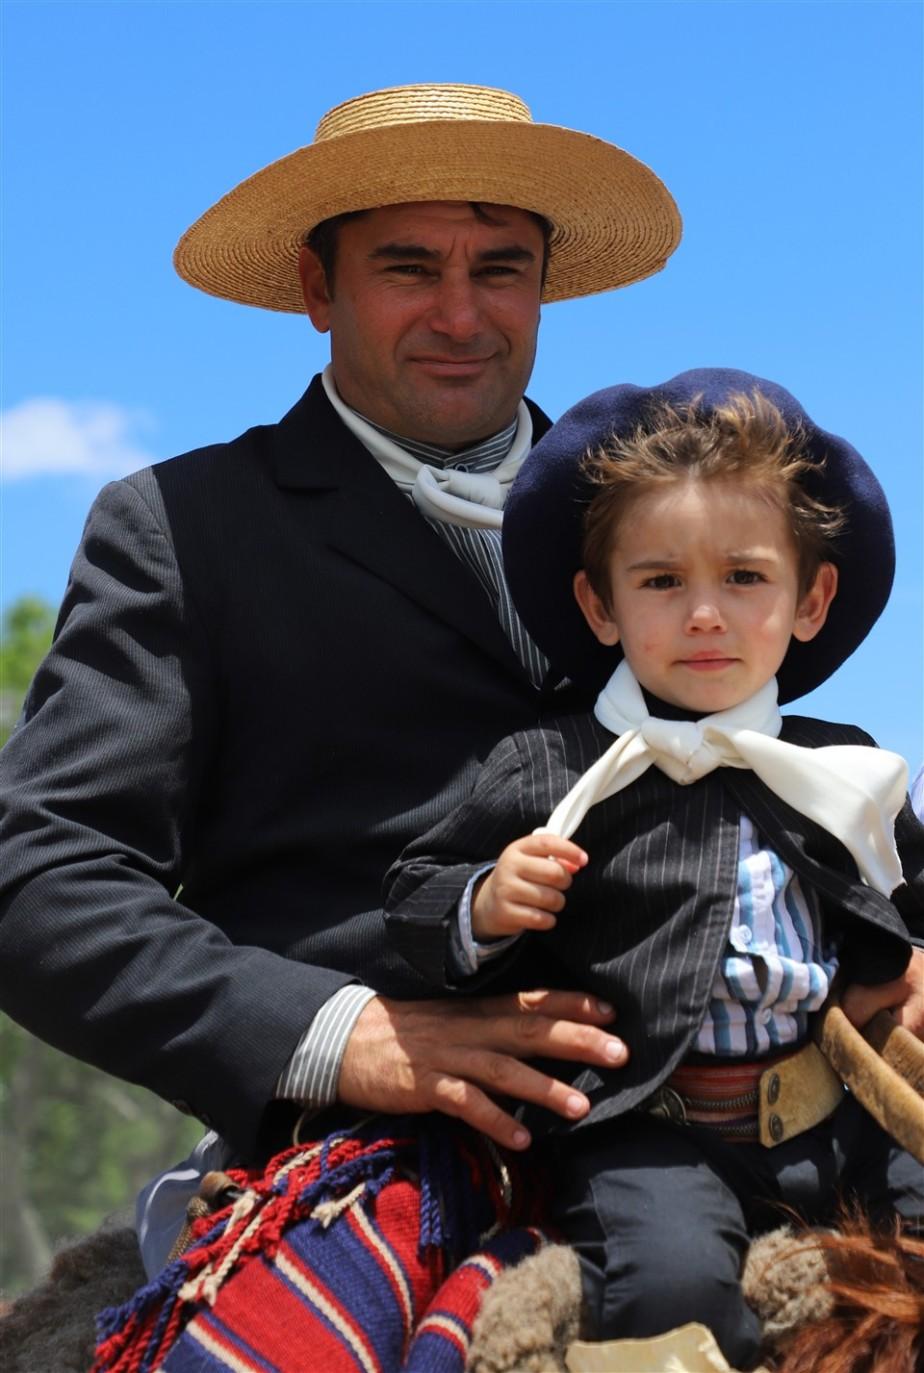 San Antonio de Areco, Argentina – November 2019 – GauchoFestival